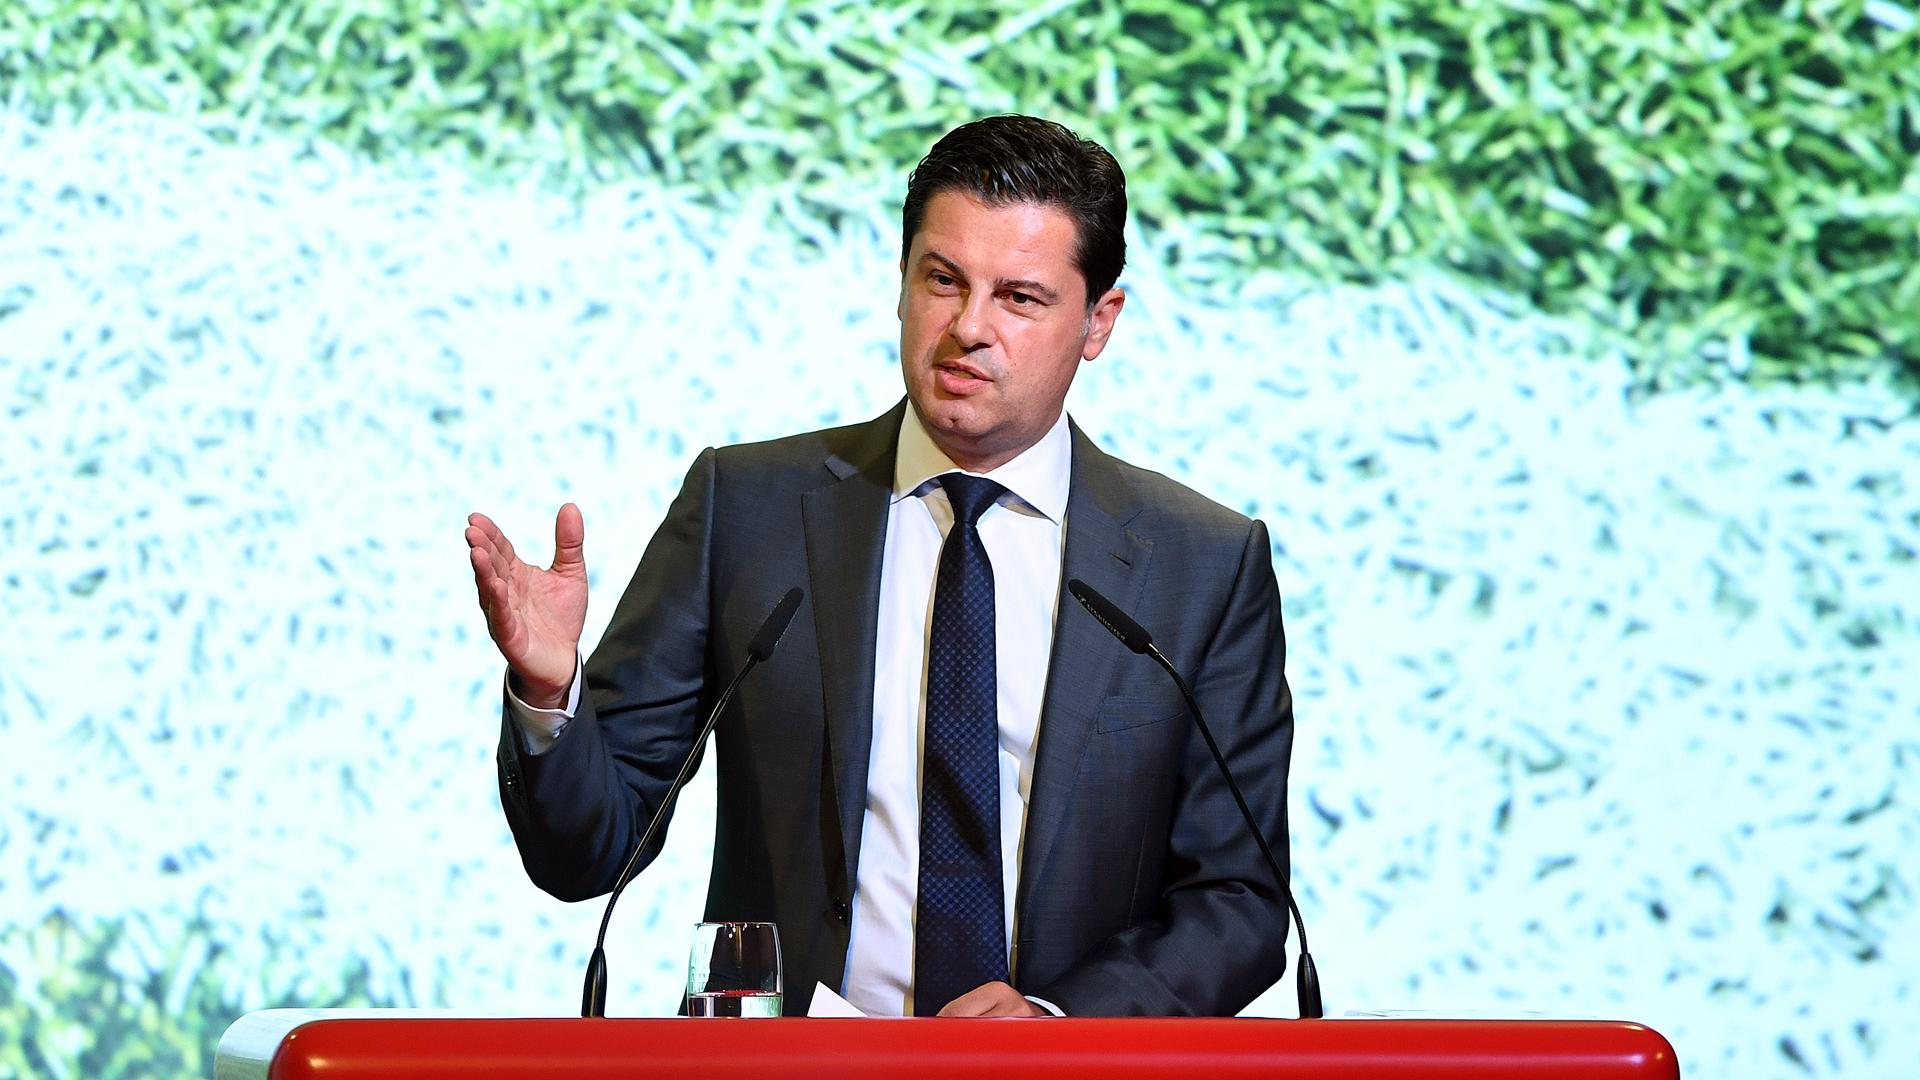 Fußball-Bundesliga Christian Seifert